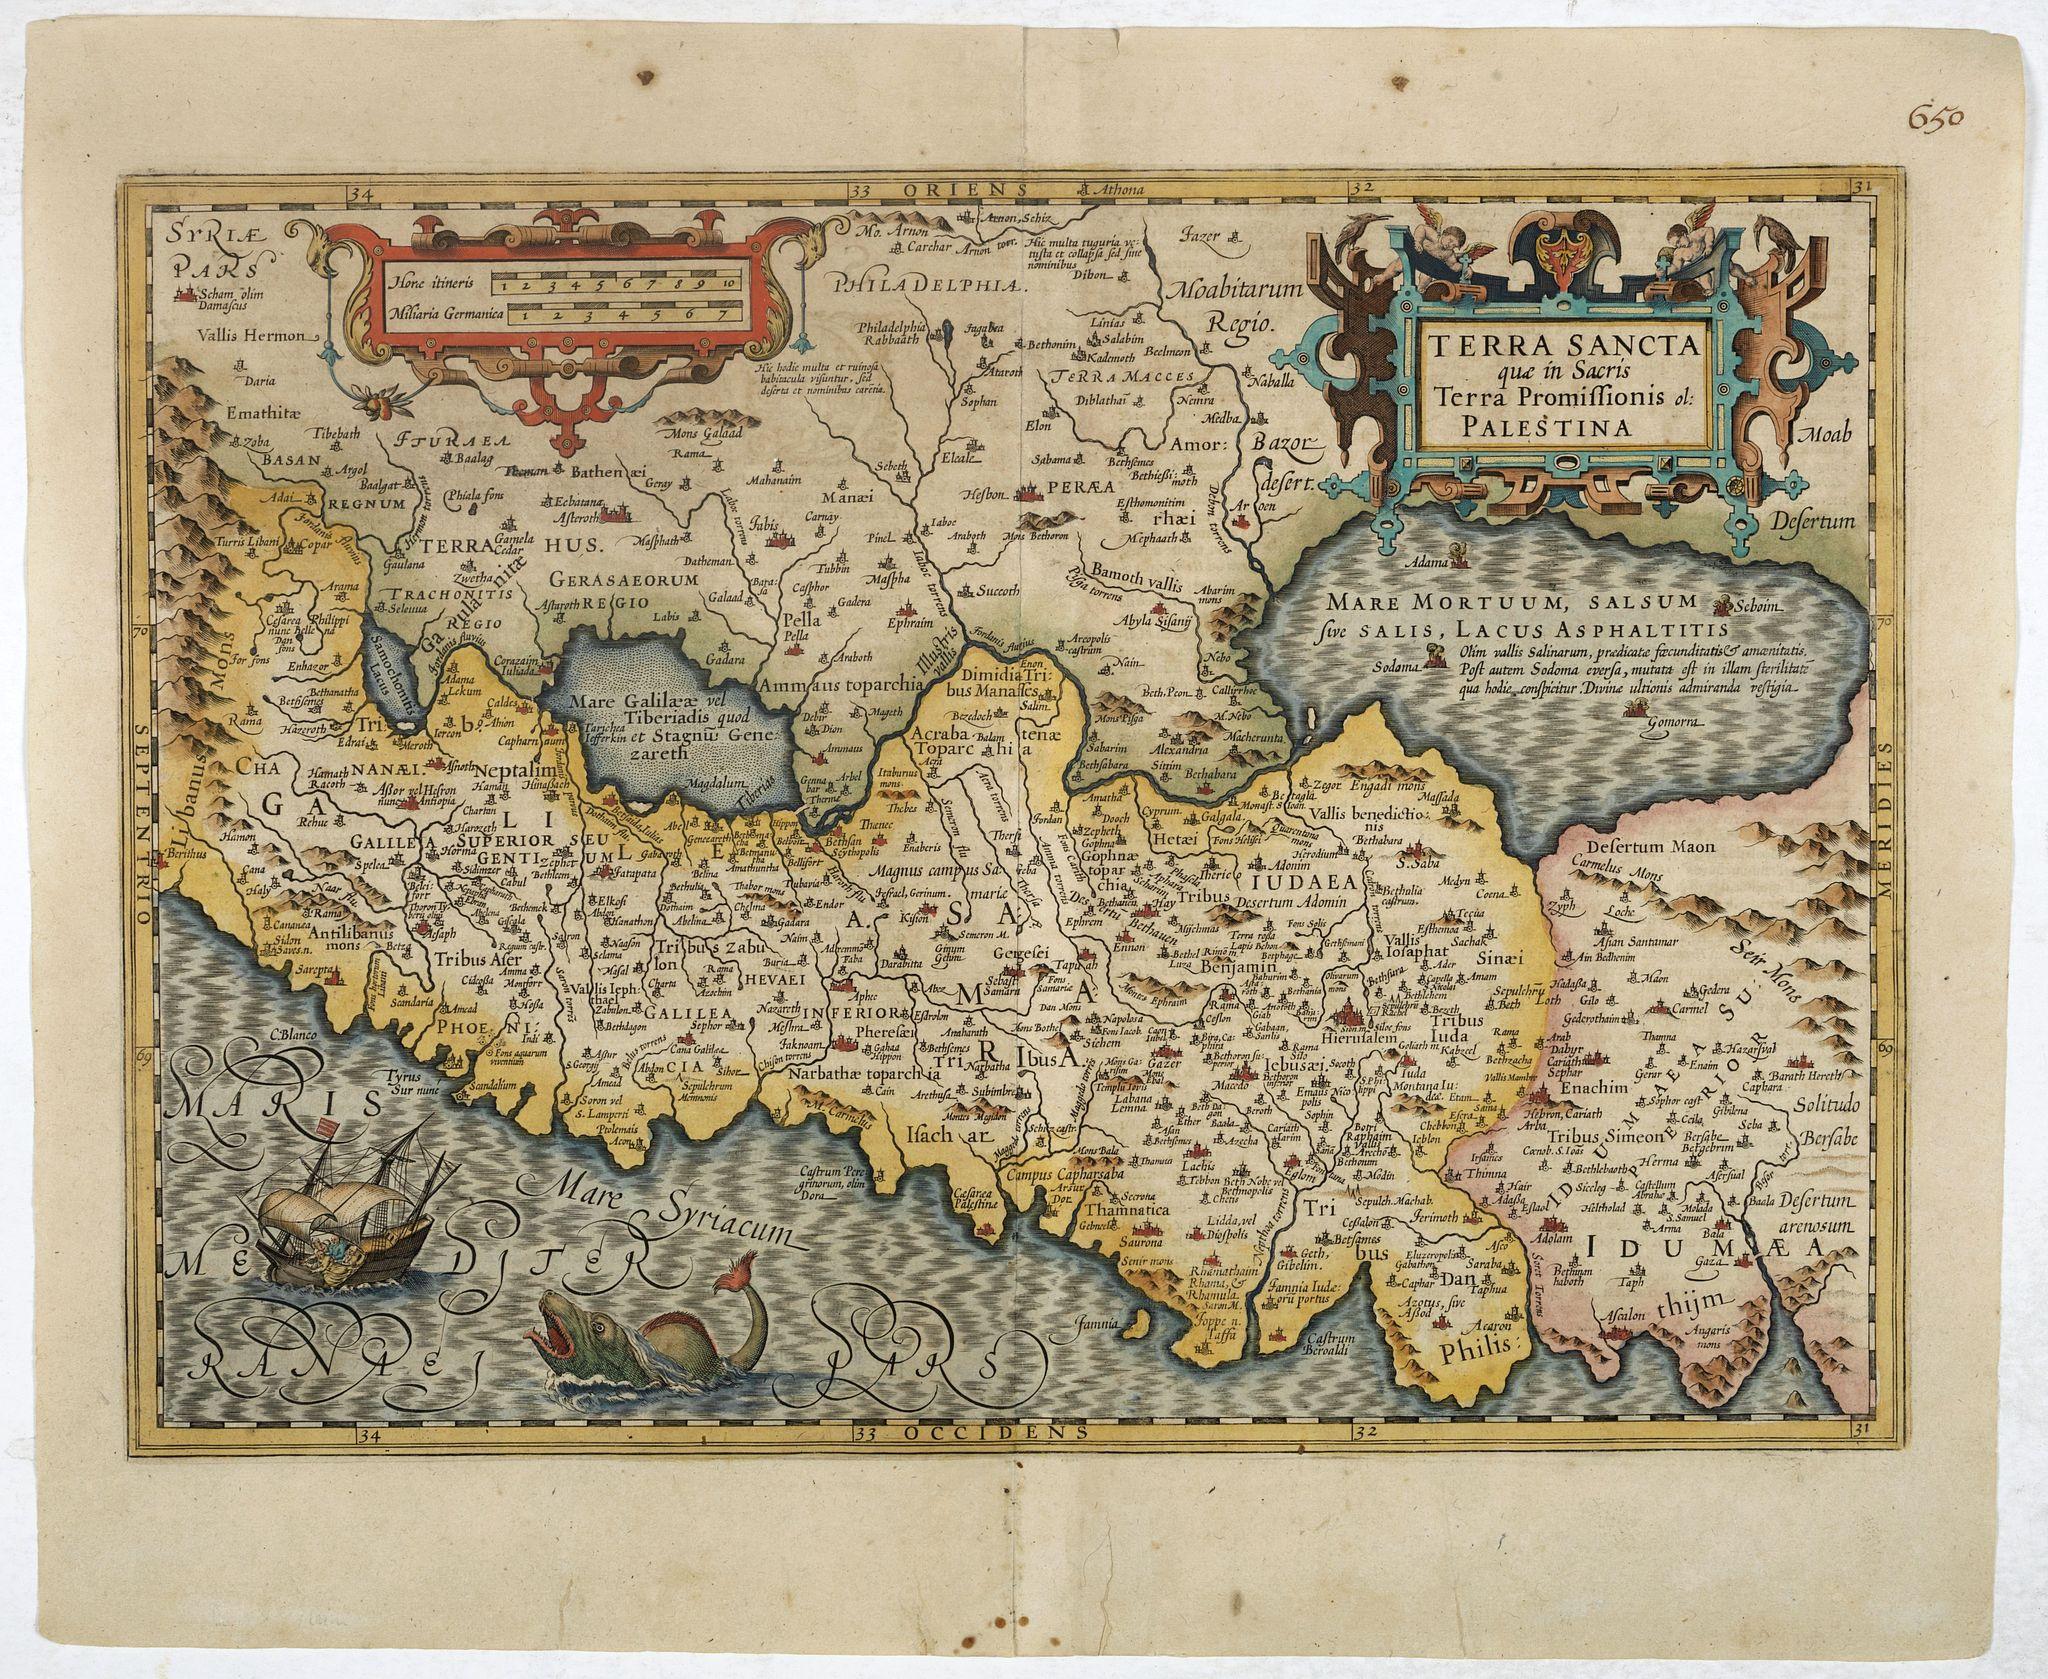 MERCATOR, G. / HONDIUS, J. -  Terra Sancta que in Sacris Terra Promissionis ol: Palestina